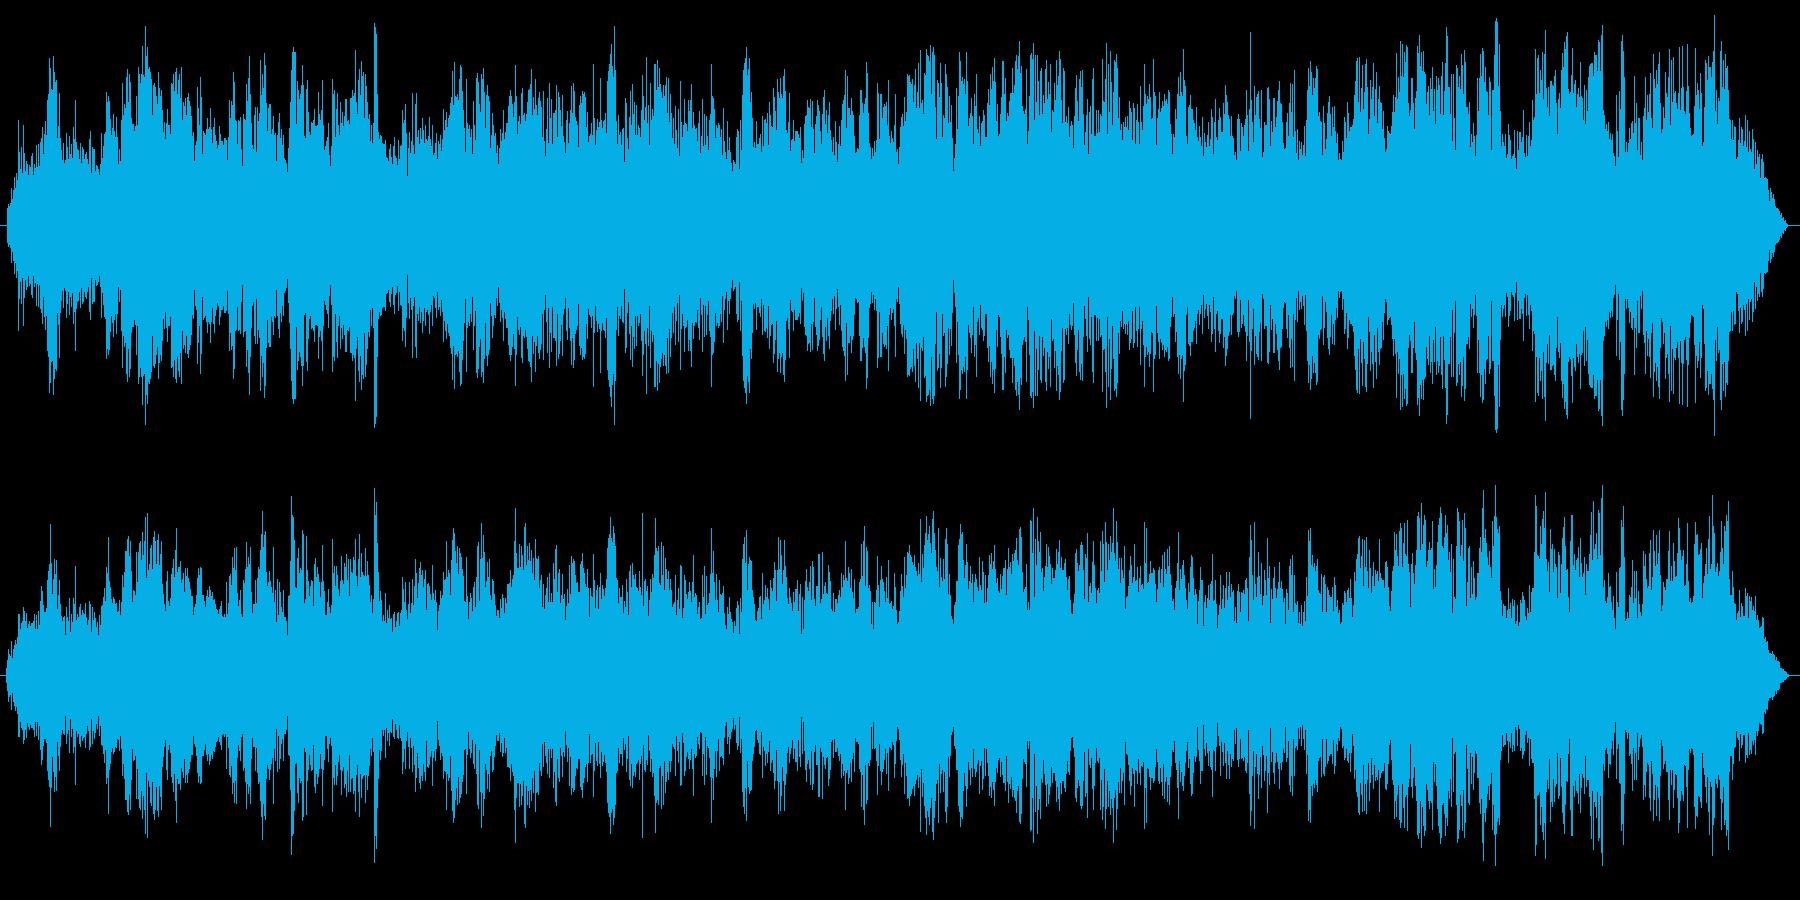 飲食店内(にぎやかな店内の効果音)の再生済みの波形